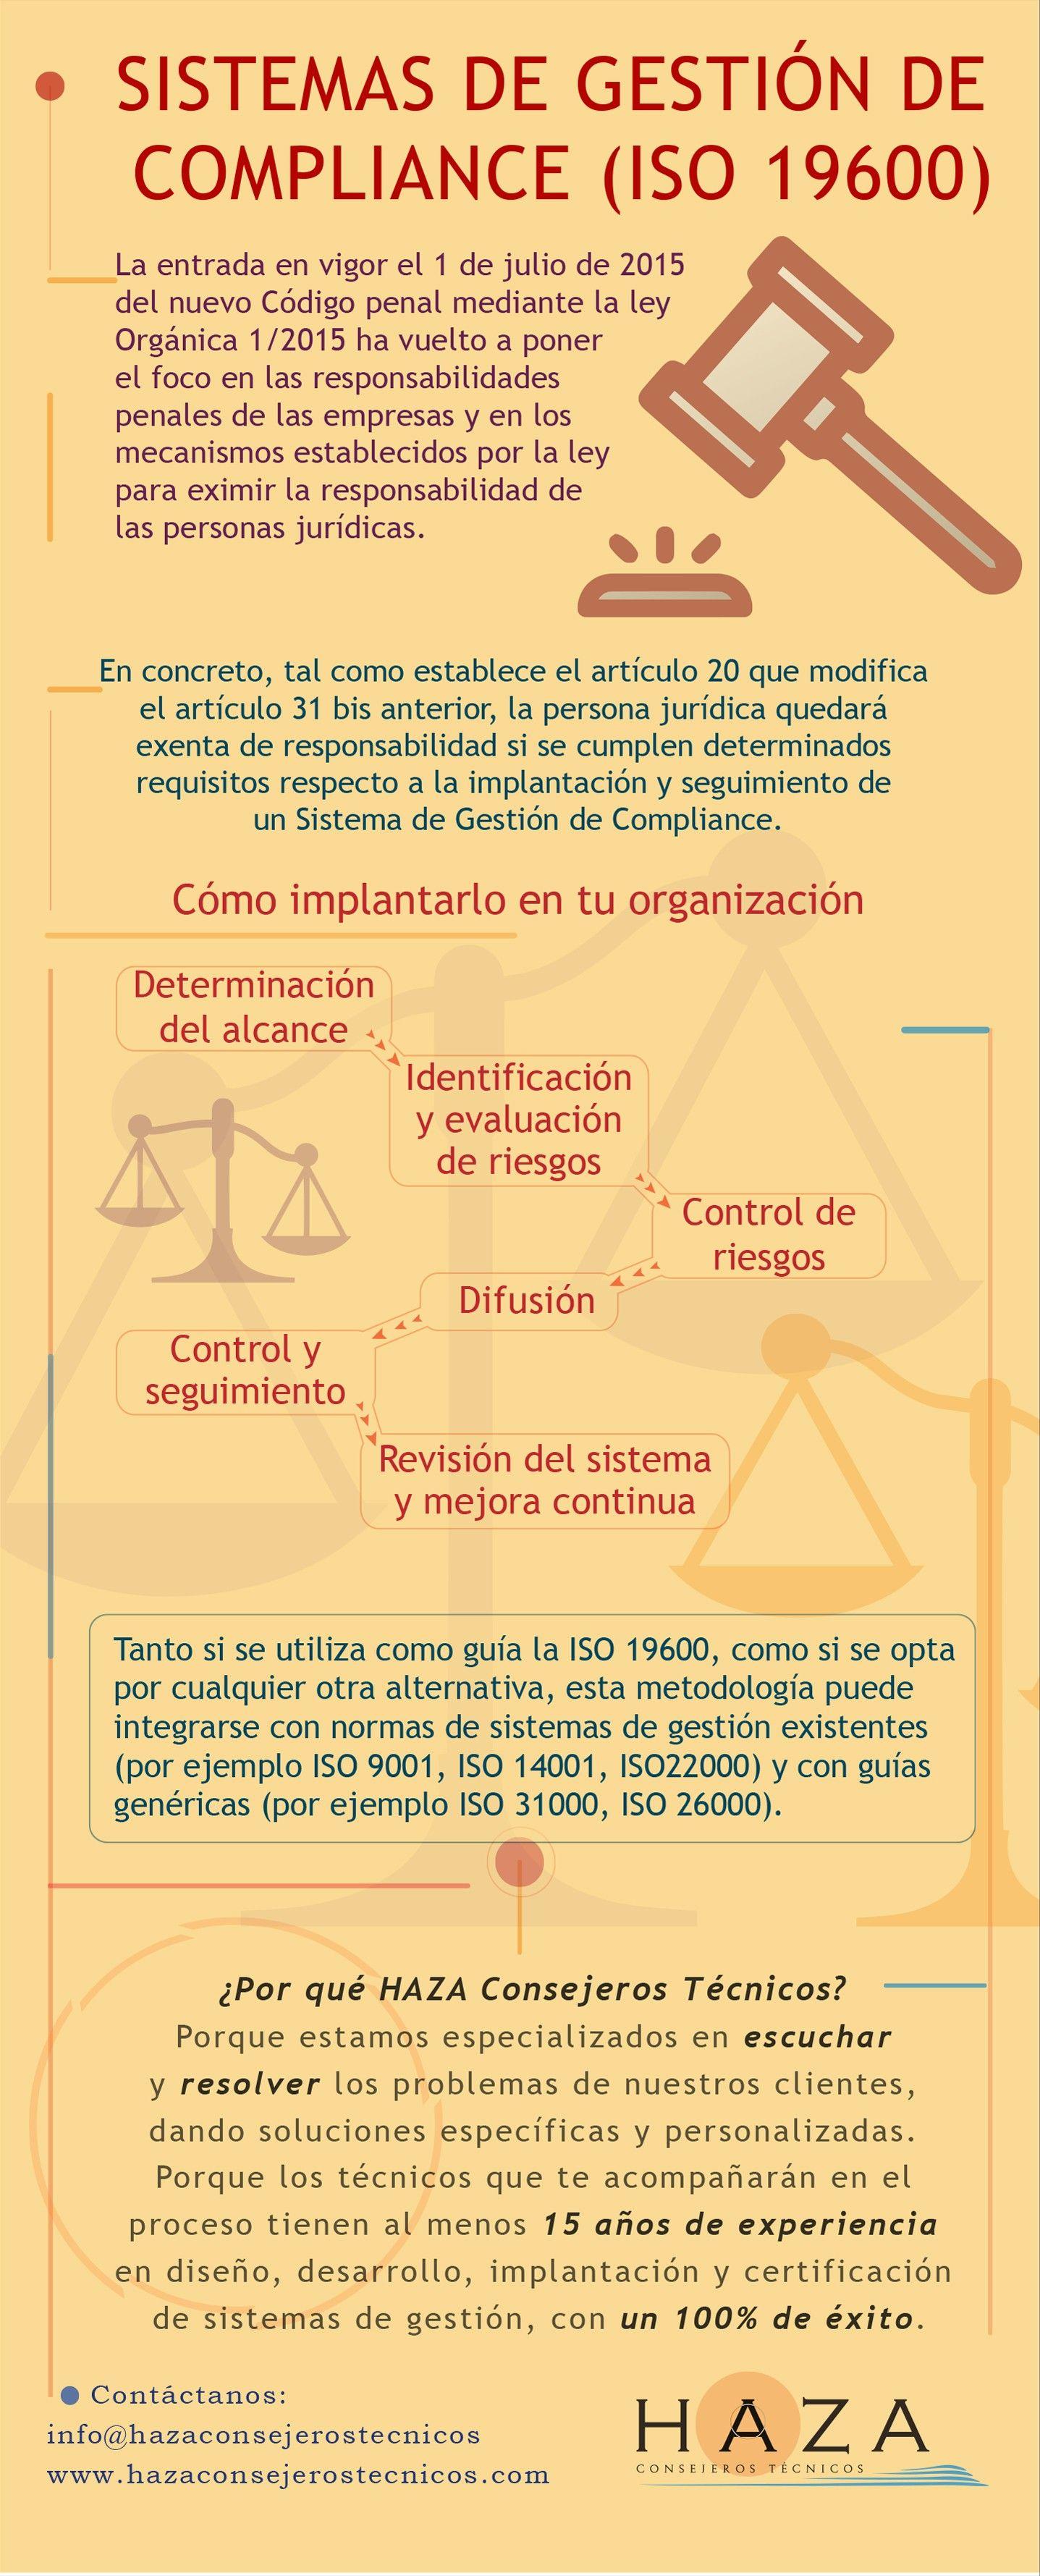 Sistemas de gestión de Compliance